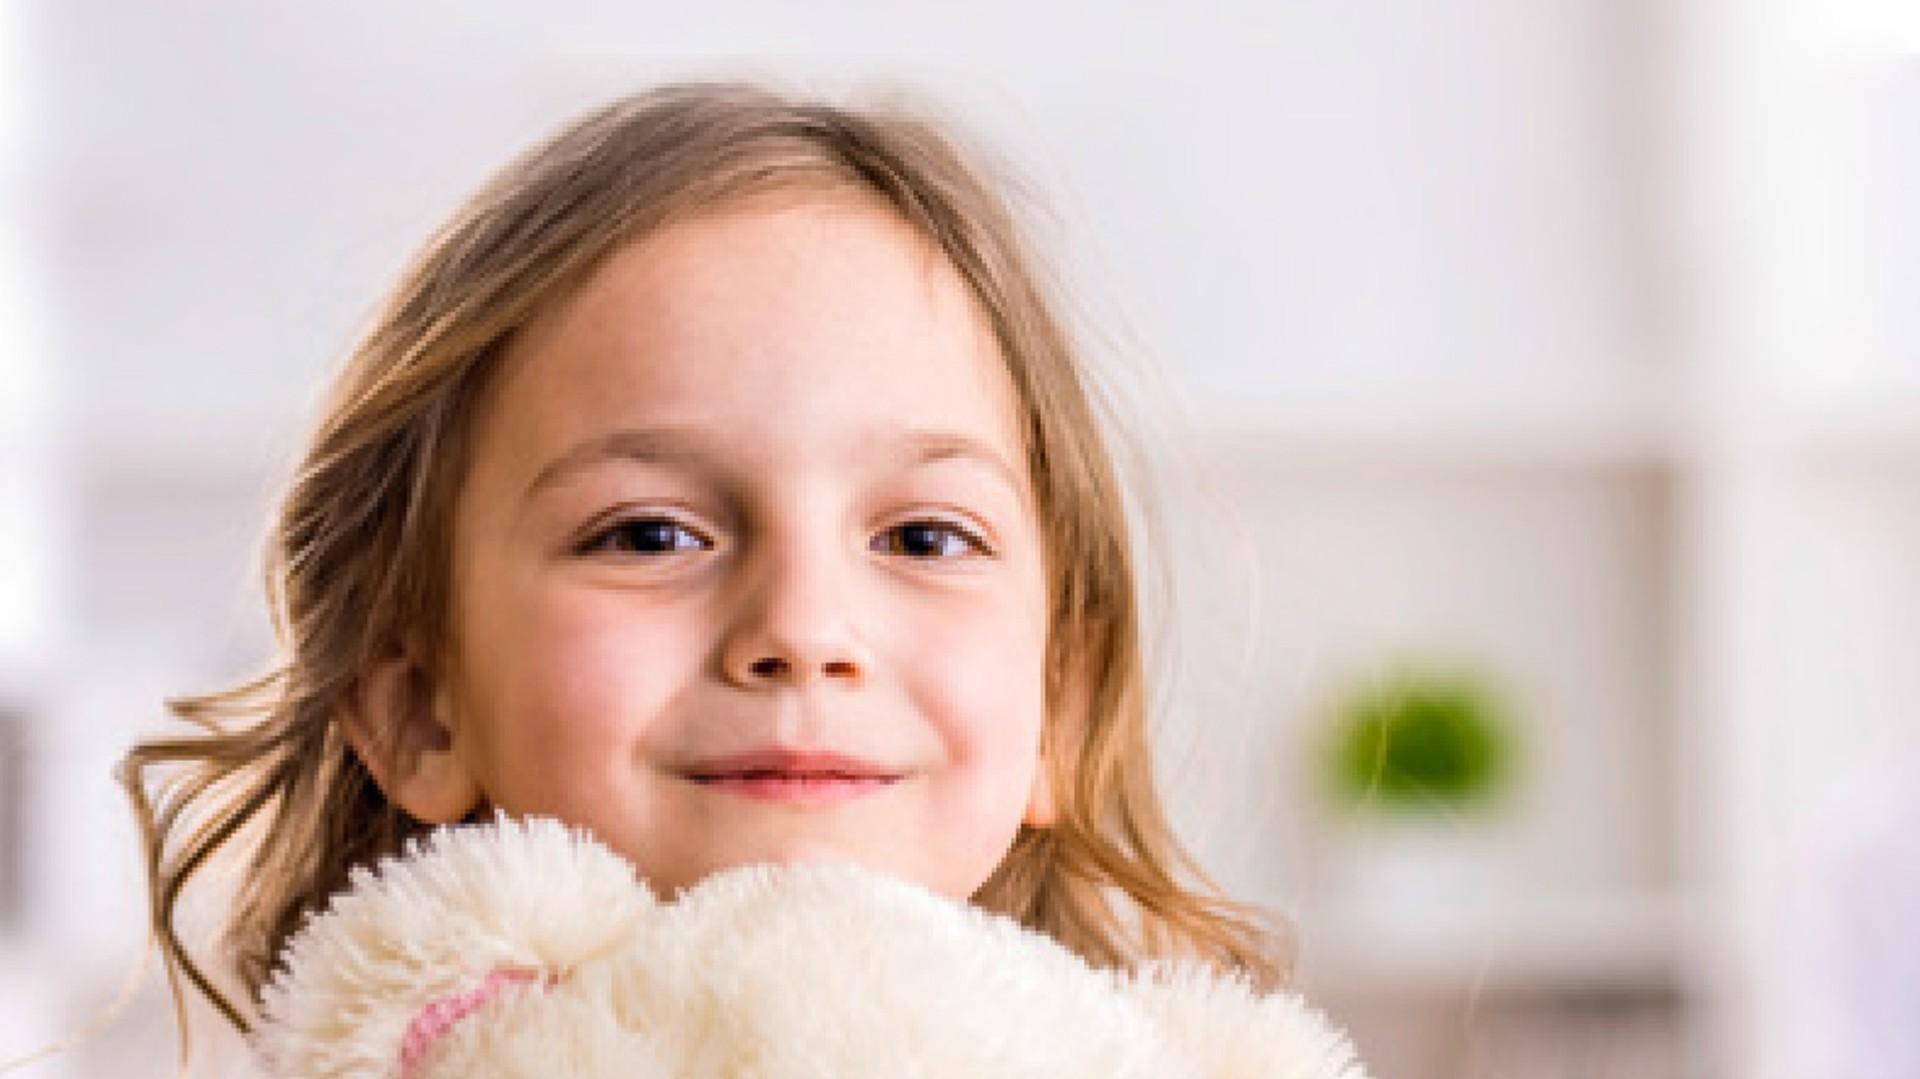 Kinder-bei Krankheit-gut-begleitet.jpg